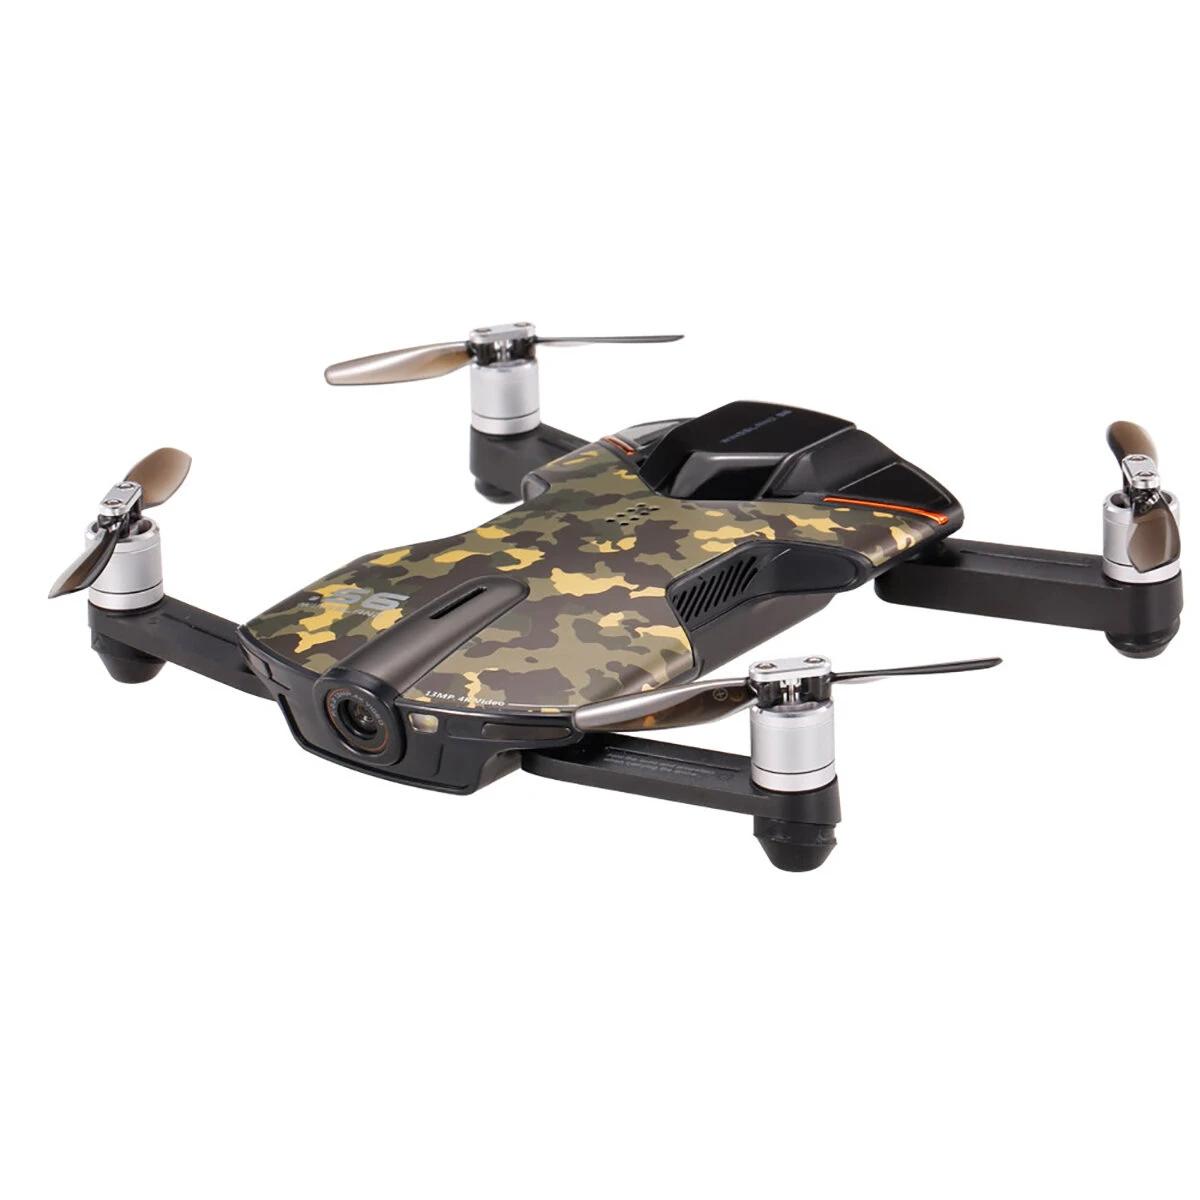 Drone Wingsland S6 WiFi FPV 4K UHD desde ESPAÑA